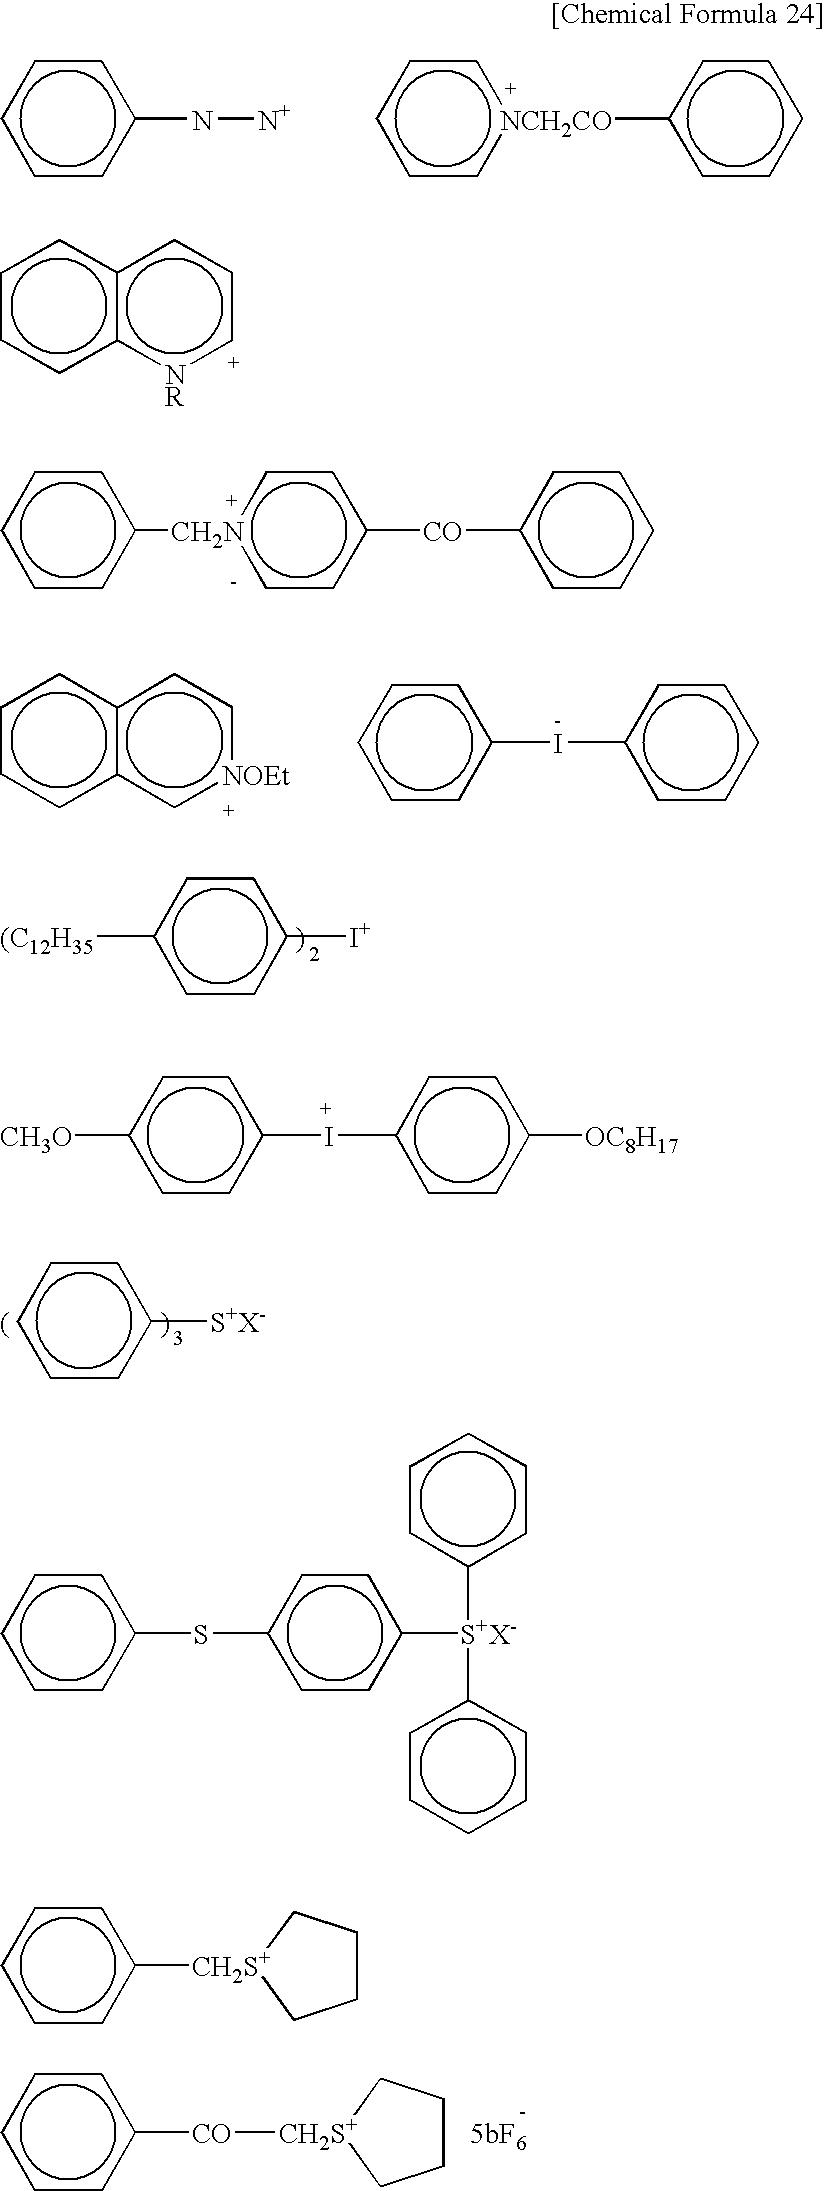 Figure US20040189728A1-20040930-C00020